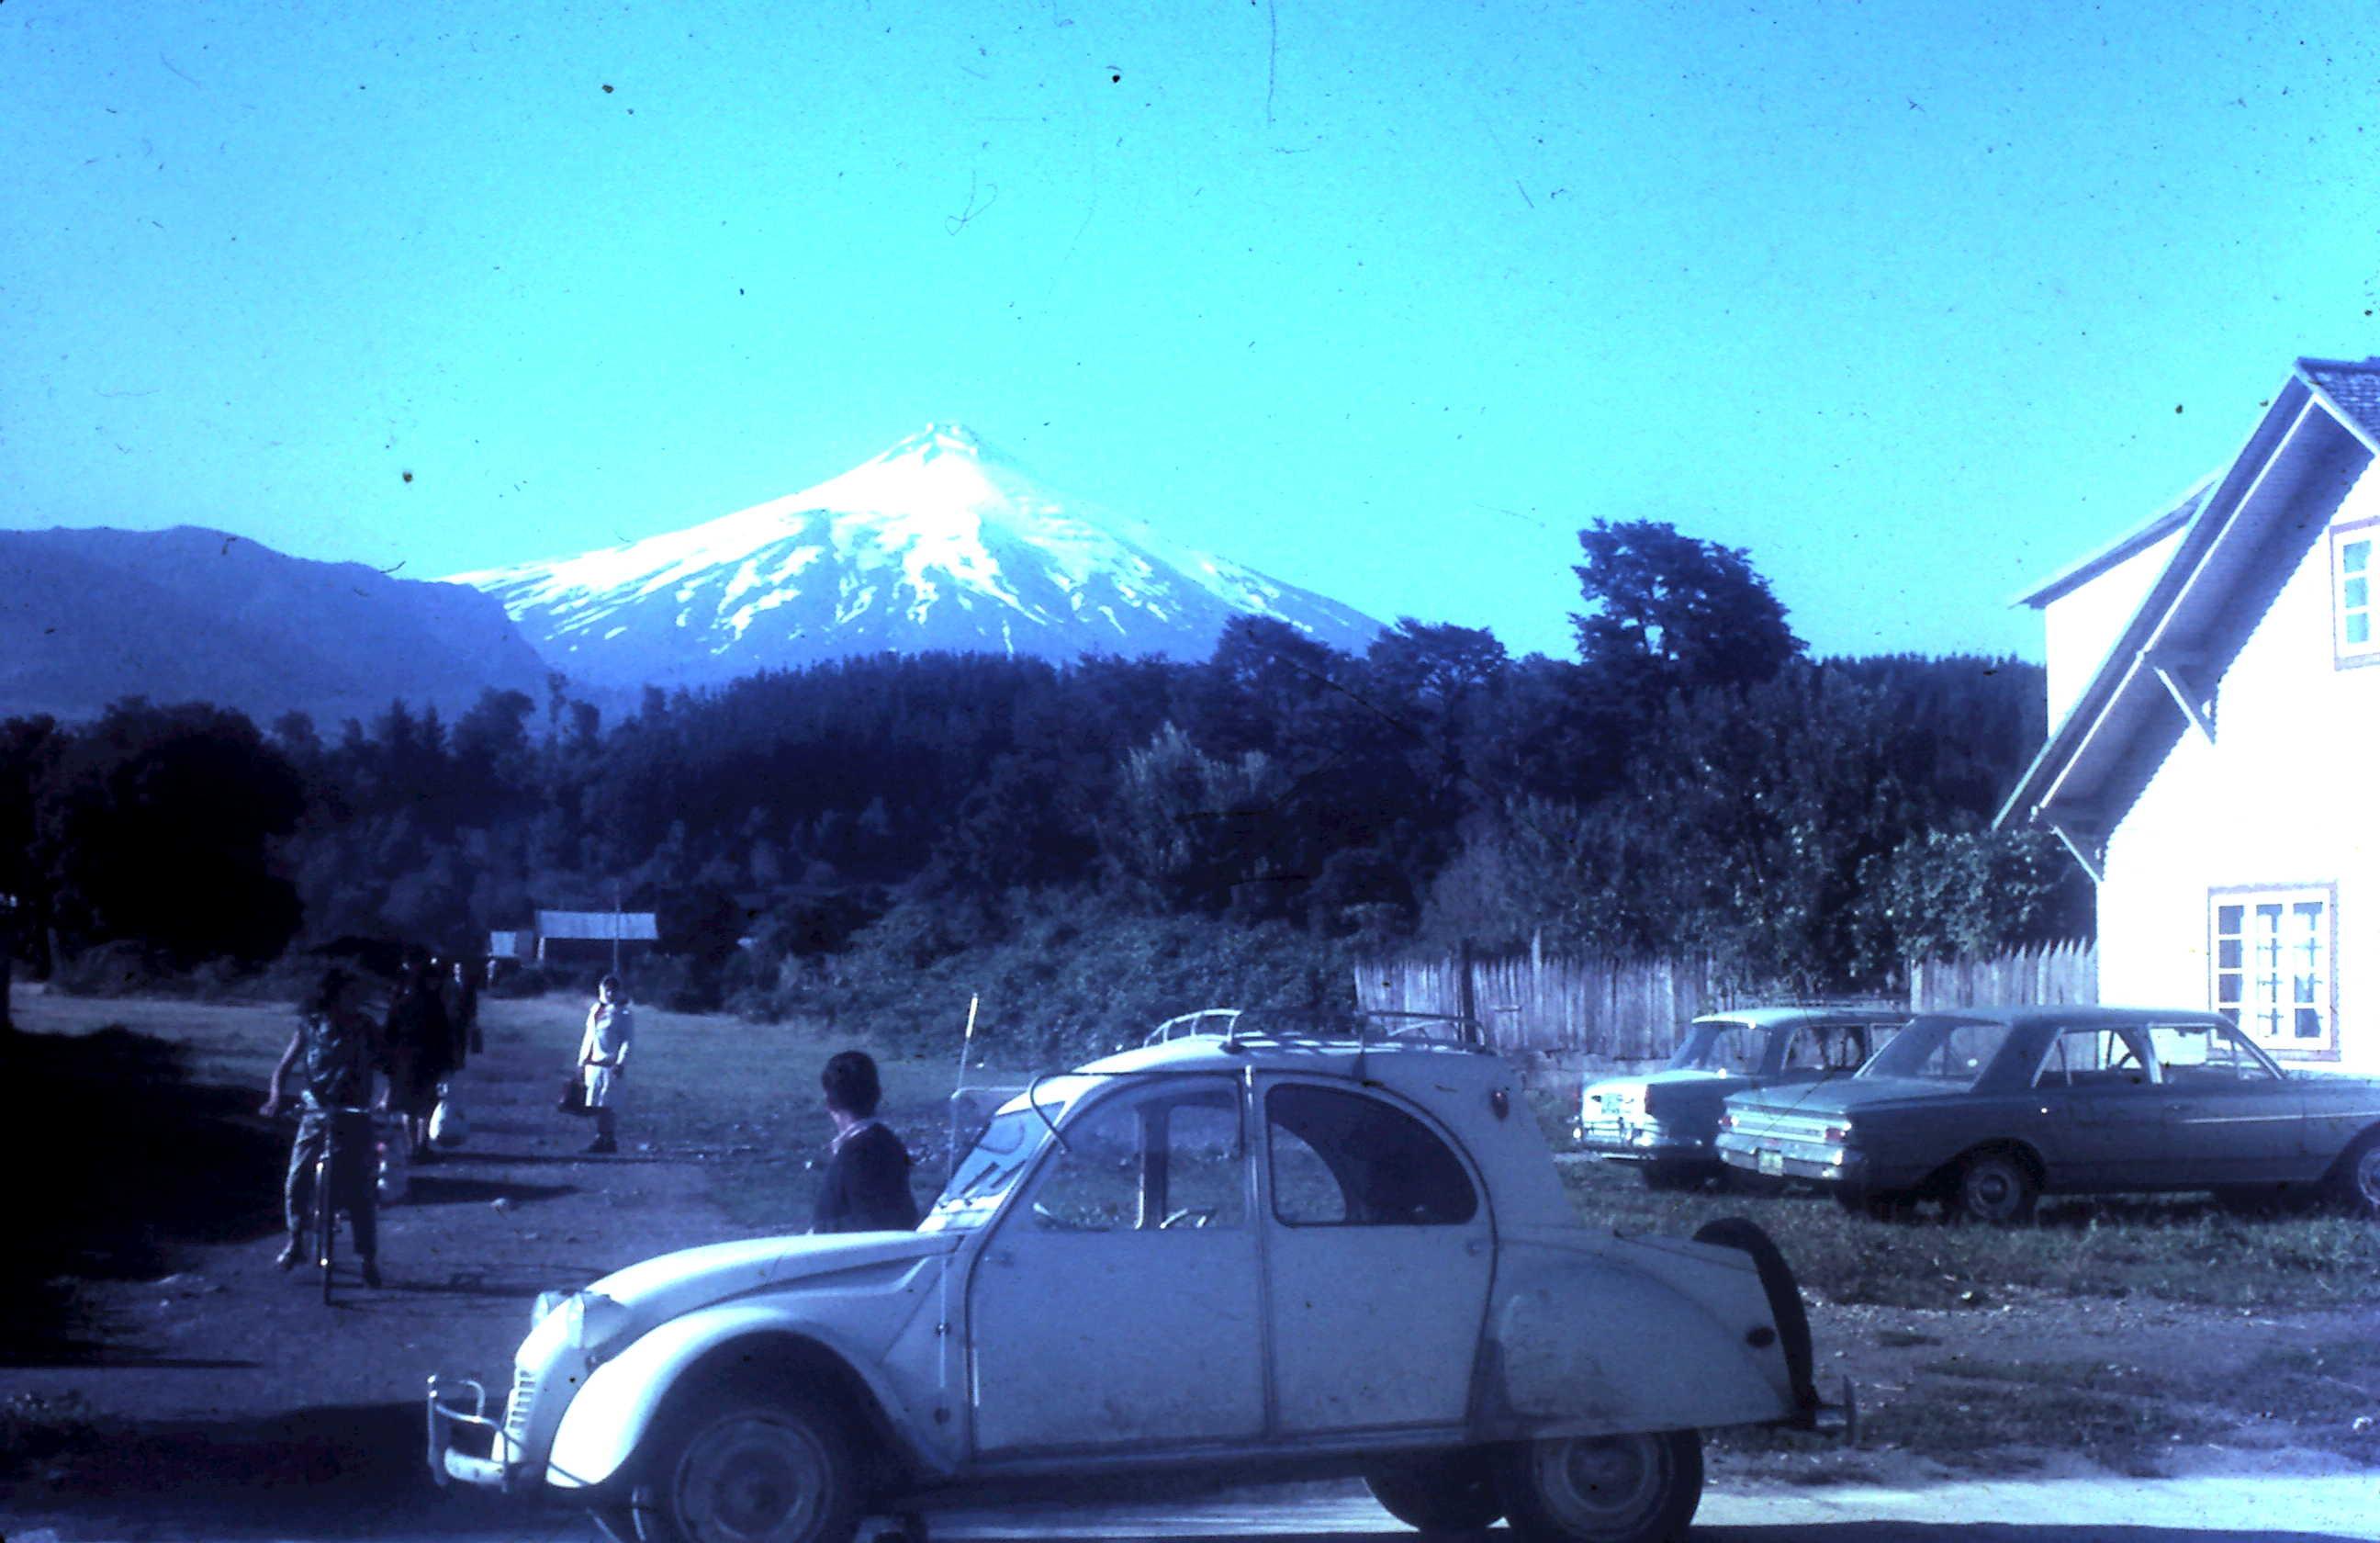 Enterreno - Fotos históricas de chile - fotos antiguas de Chile - Pucon, verano del 68 en citroneta